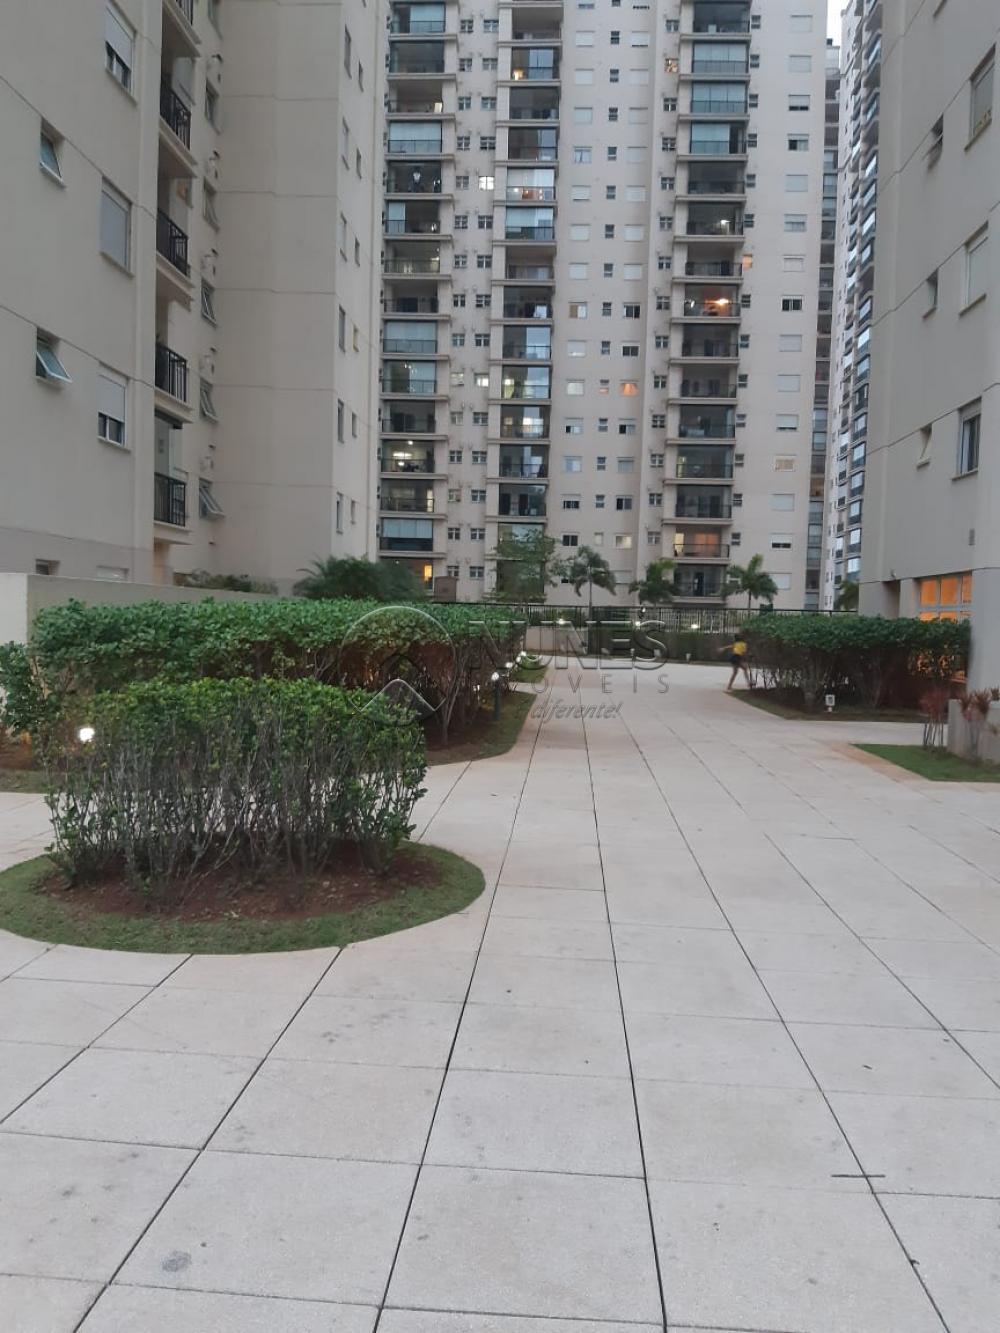 Comprar Apartamento / Padrão em Barueri apenas R$ 530.000,00 - Foto 25